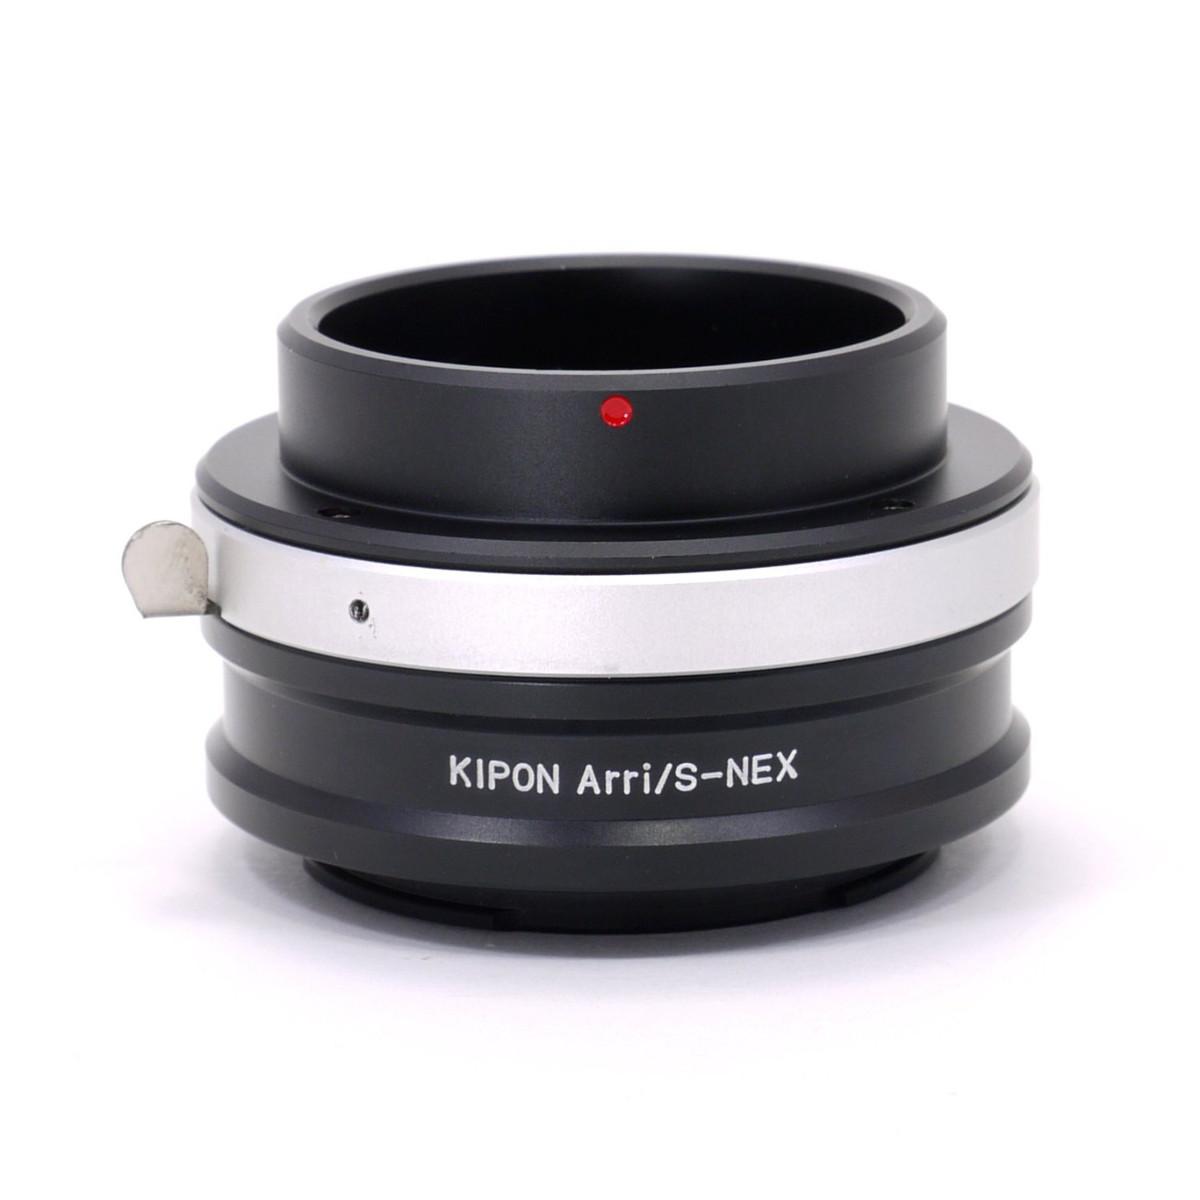 マウントアダプター KIPON ARRI/S-S/E (ARRI/S-NEX) アリフレックスマウントレンズ - ソニー NEX/α.Eマウントカメラ